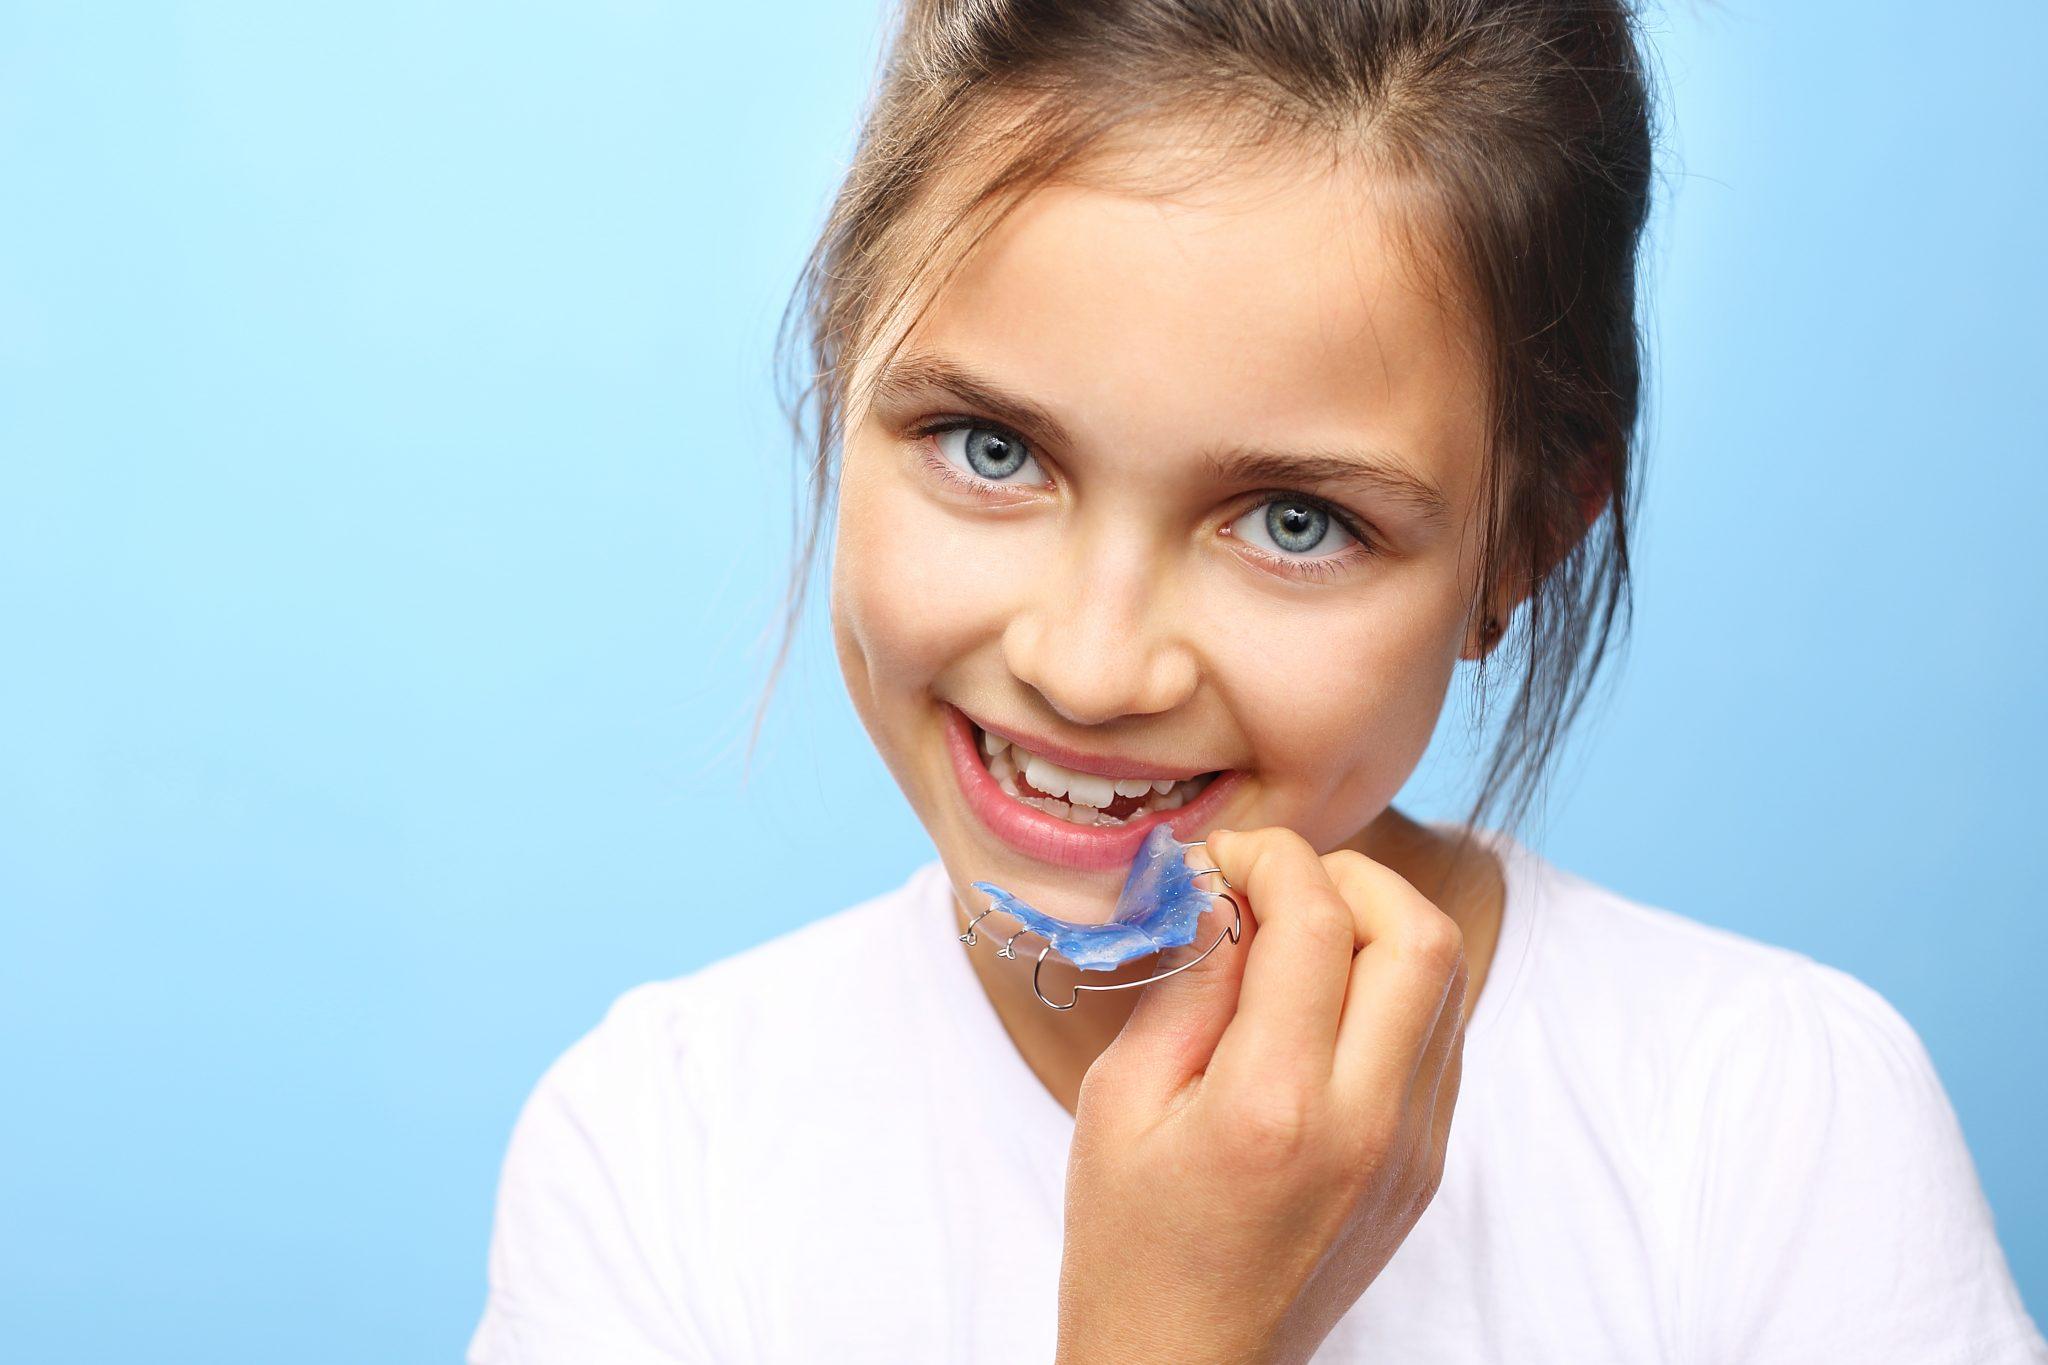 cómo es el tratamiento de ortodoncia para niños en Clínica Dental Marín García en Barcelona